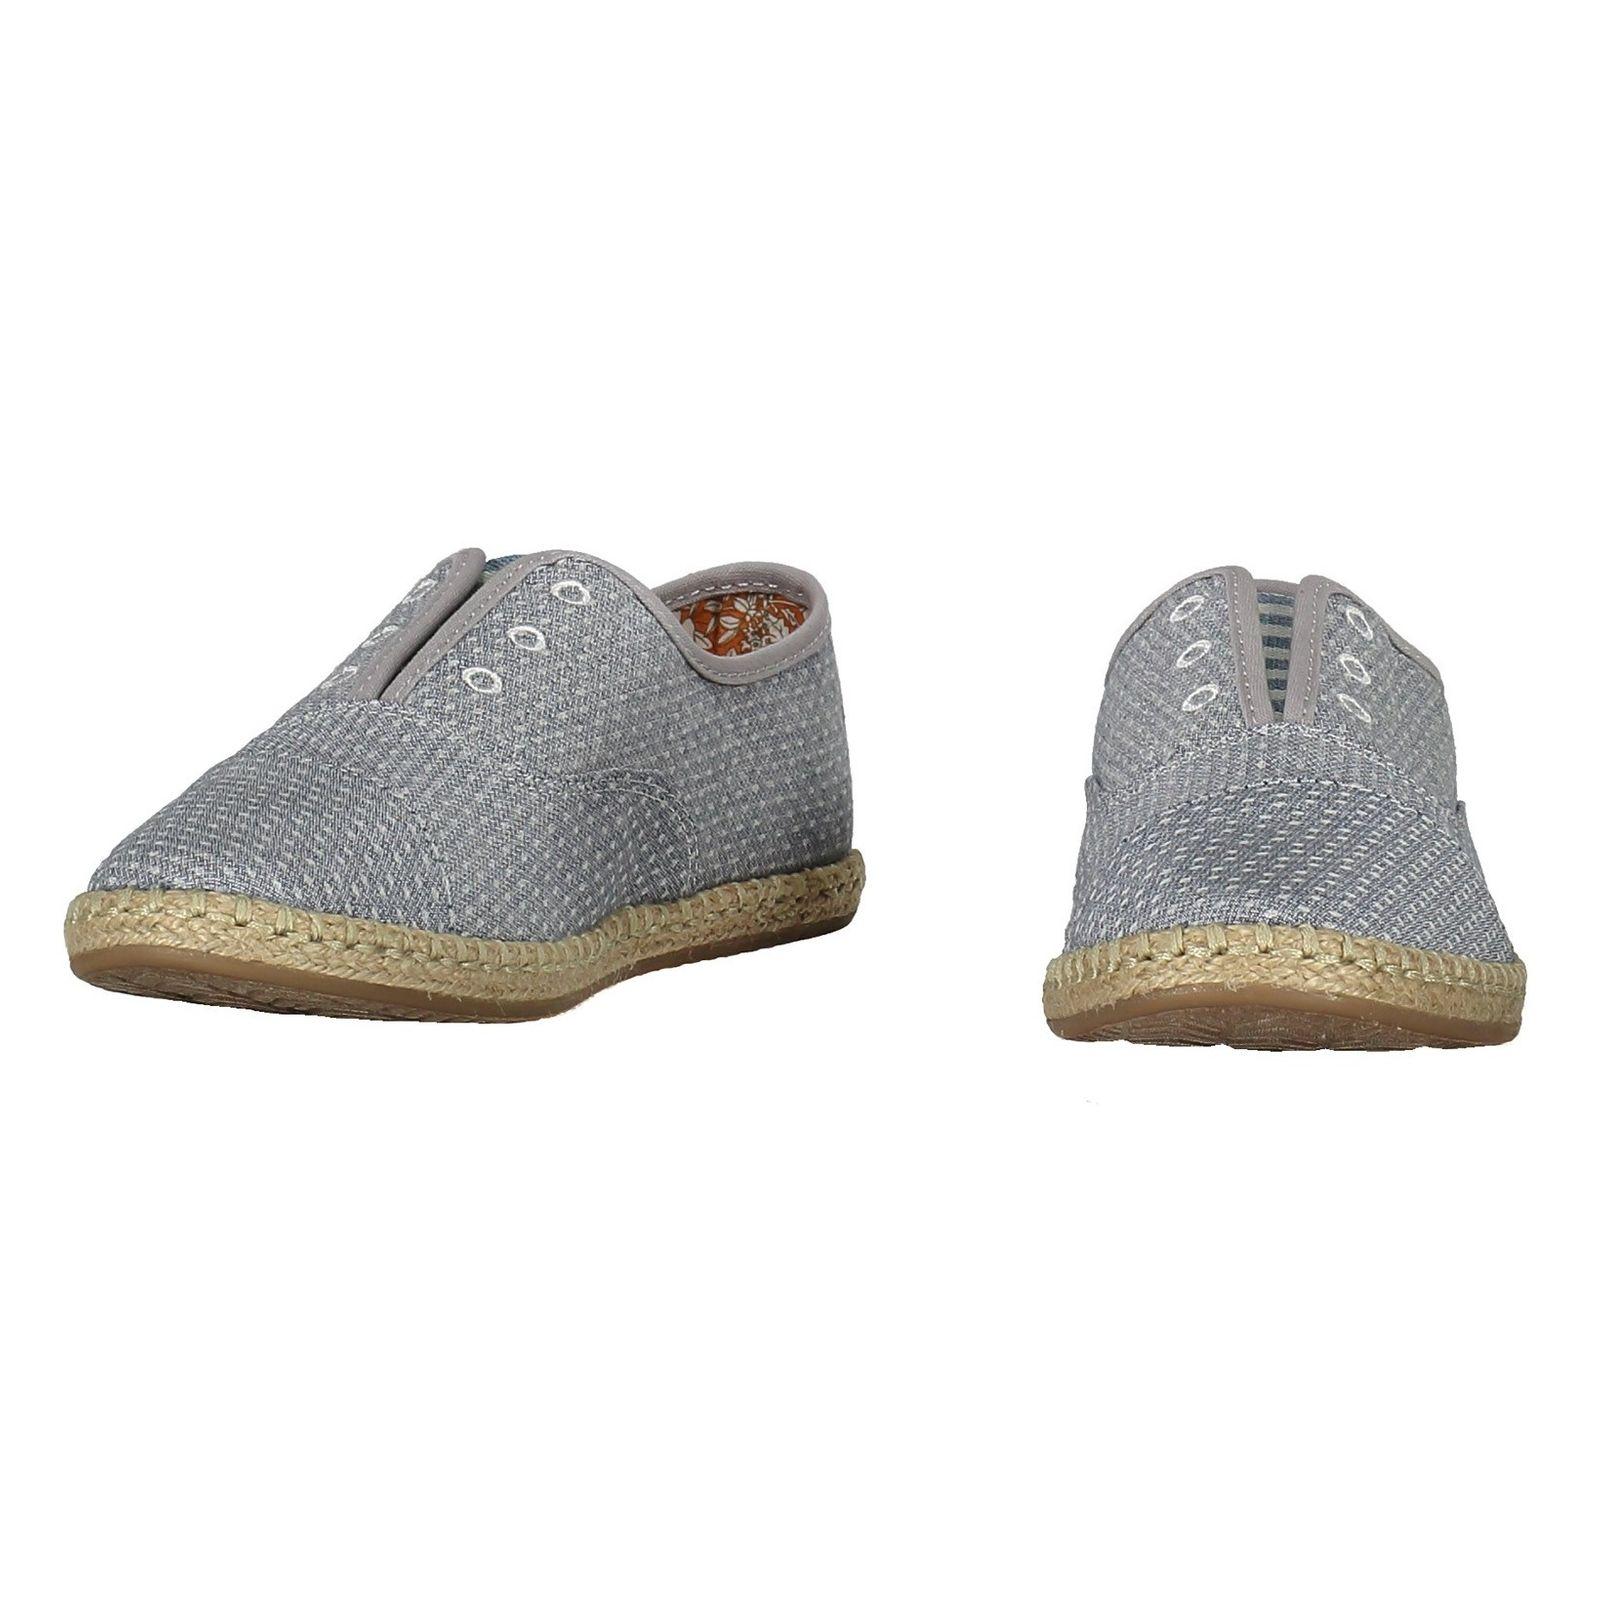 کفش تخت پارچه ای زنانه - تامز - آبي - 4